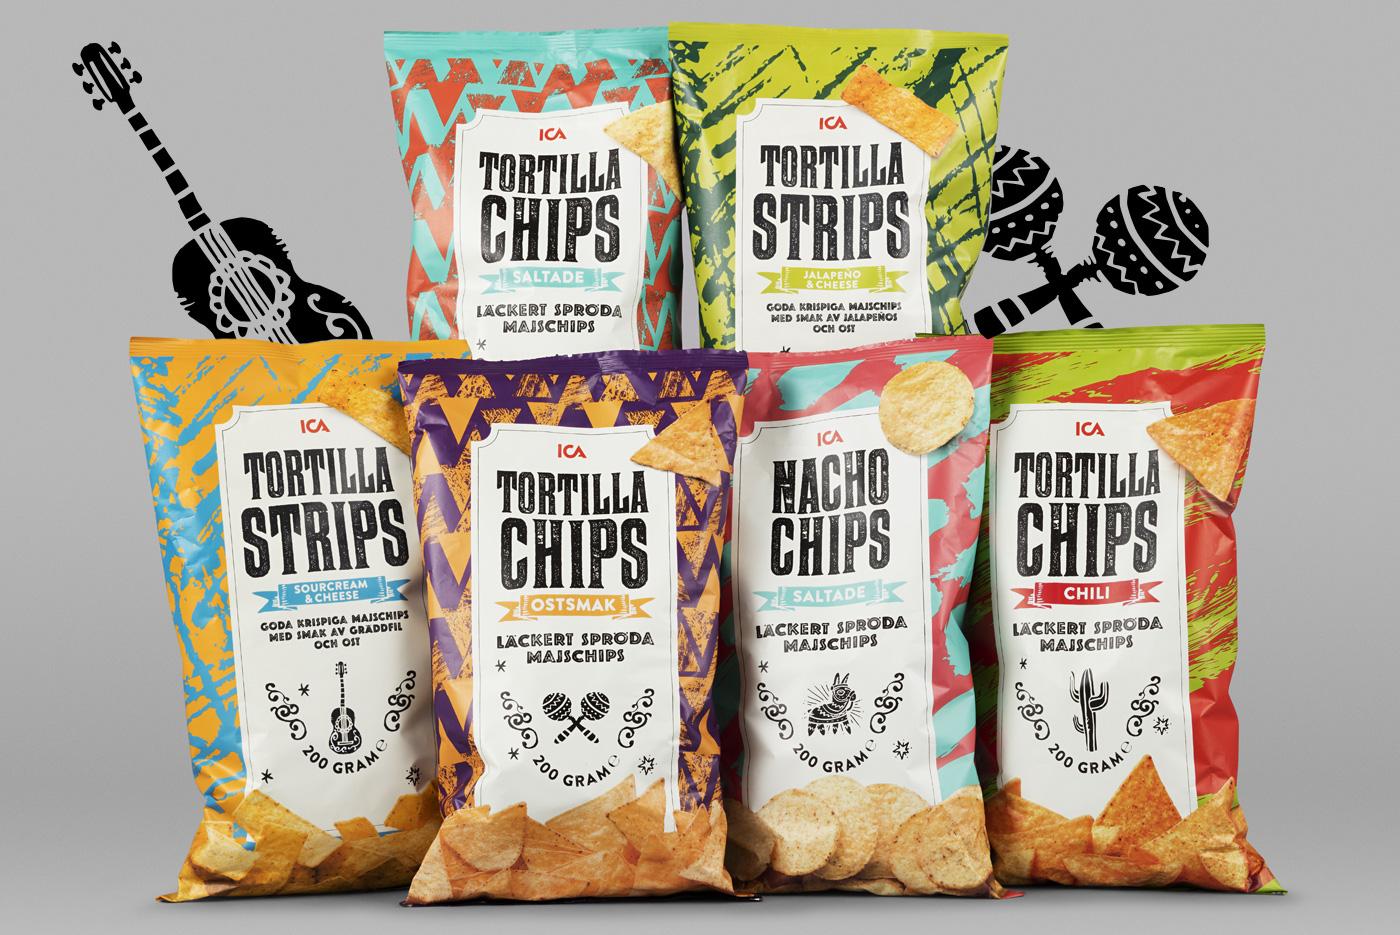 ica tortilla chips